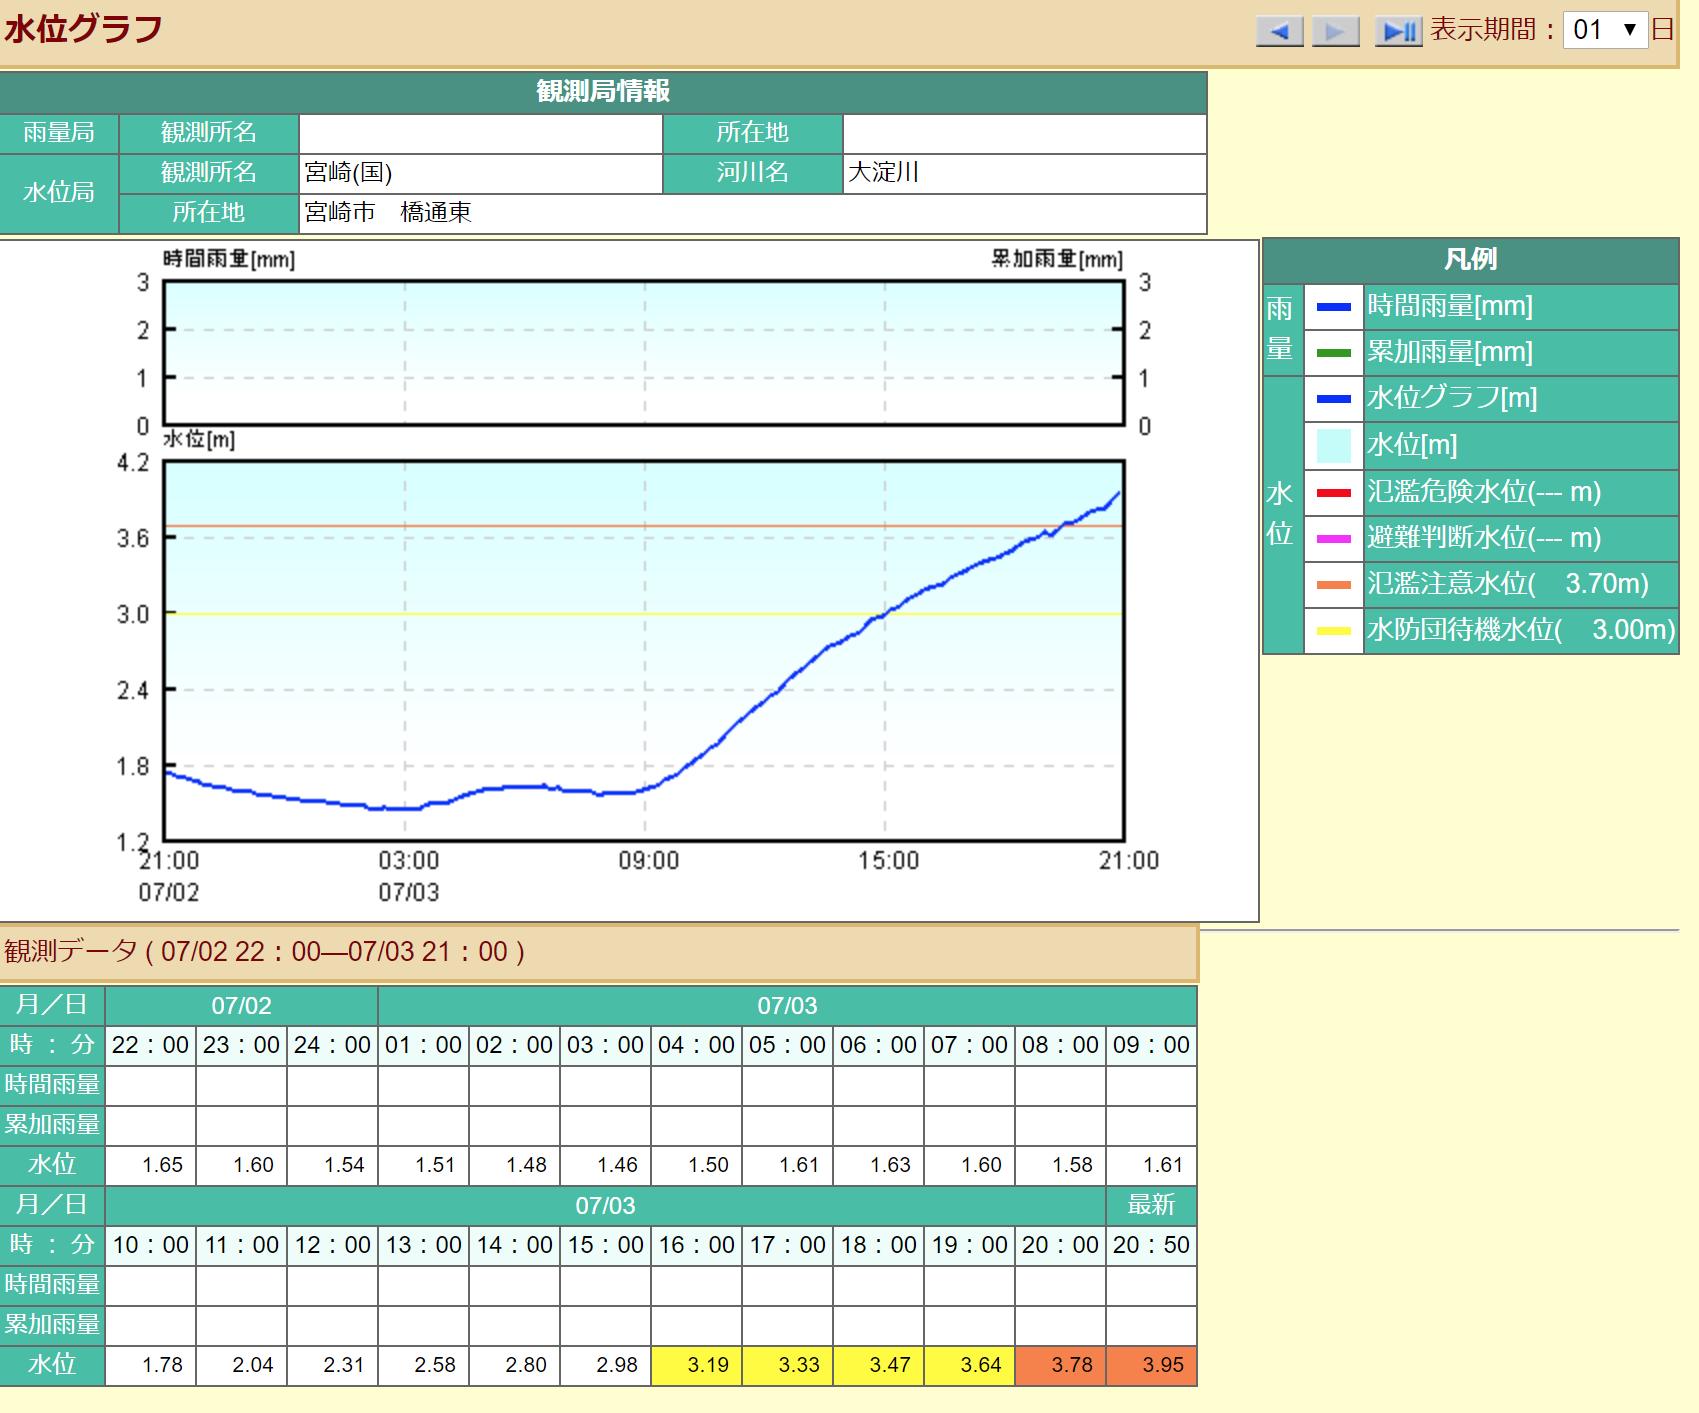 21時頃の大淀川の水位